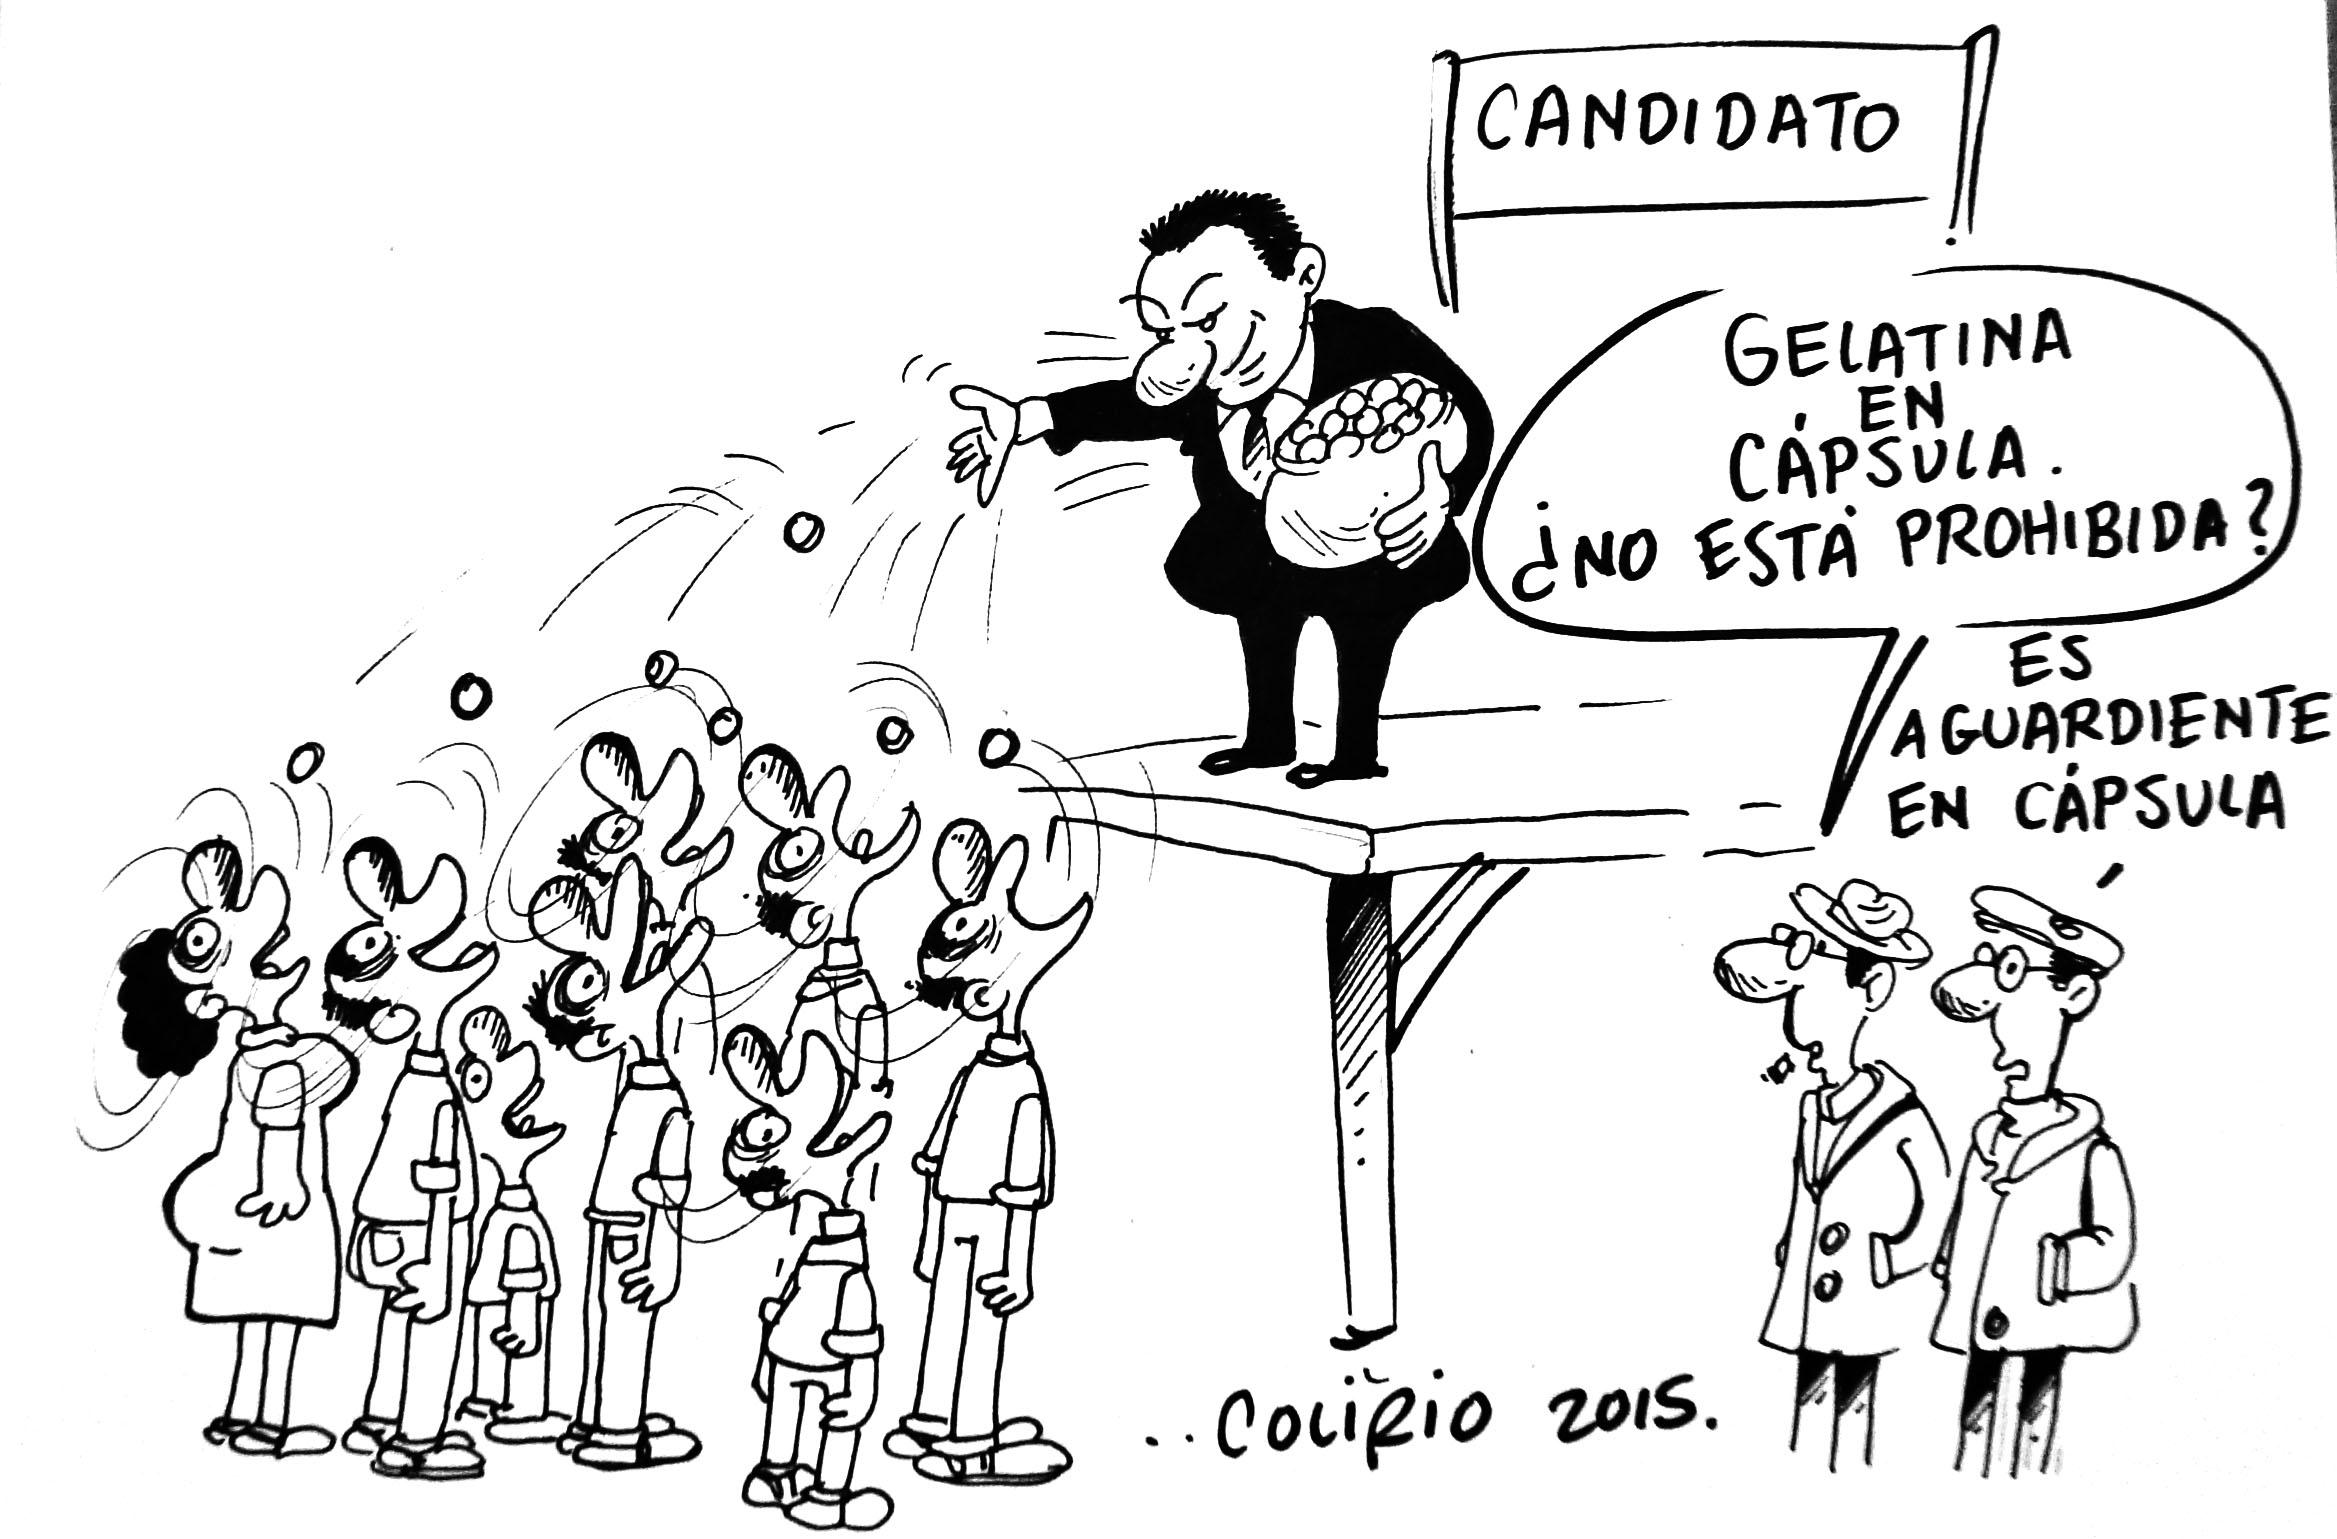 carica viermnes 10 julio 2015